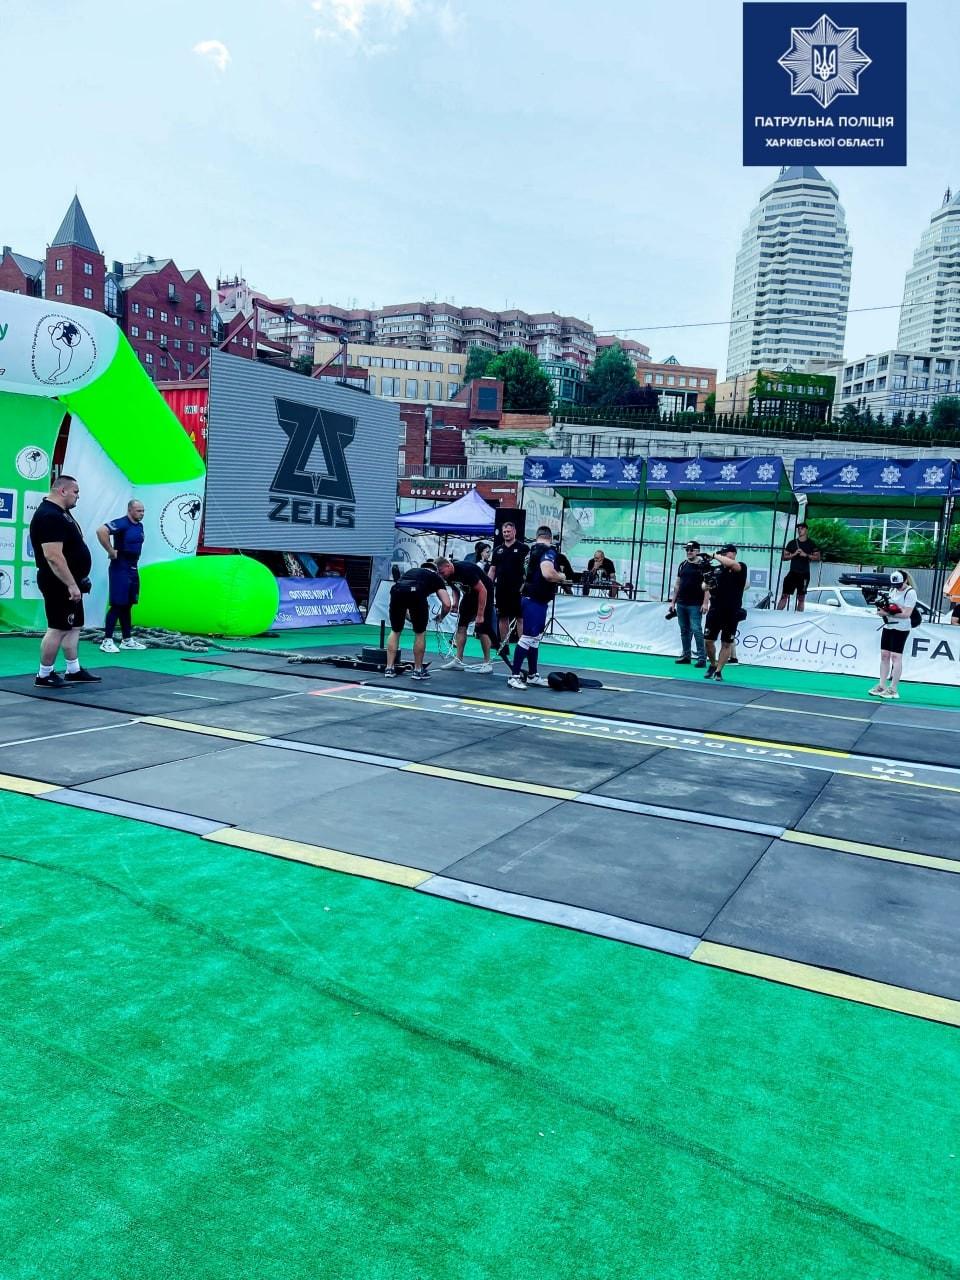 Соревнования по стронгмену среди полицейских в Днепре